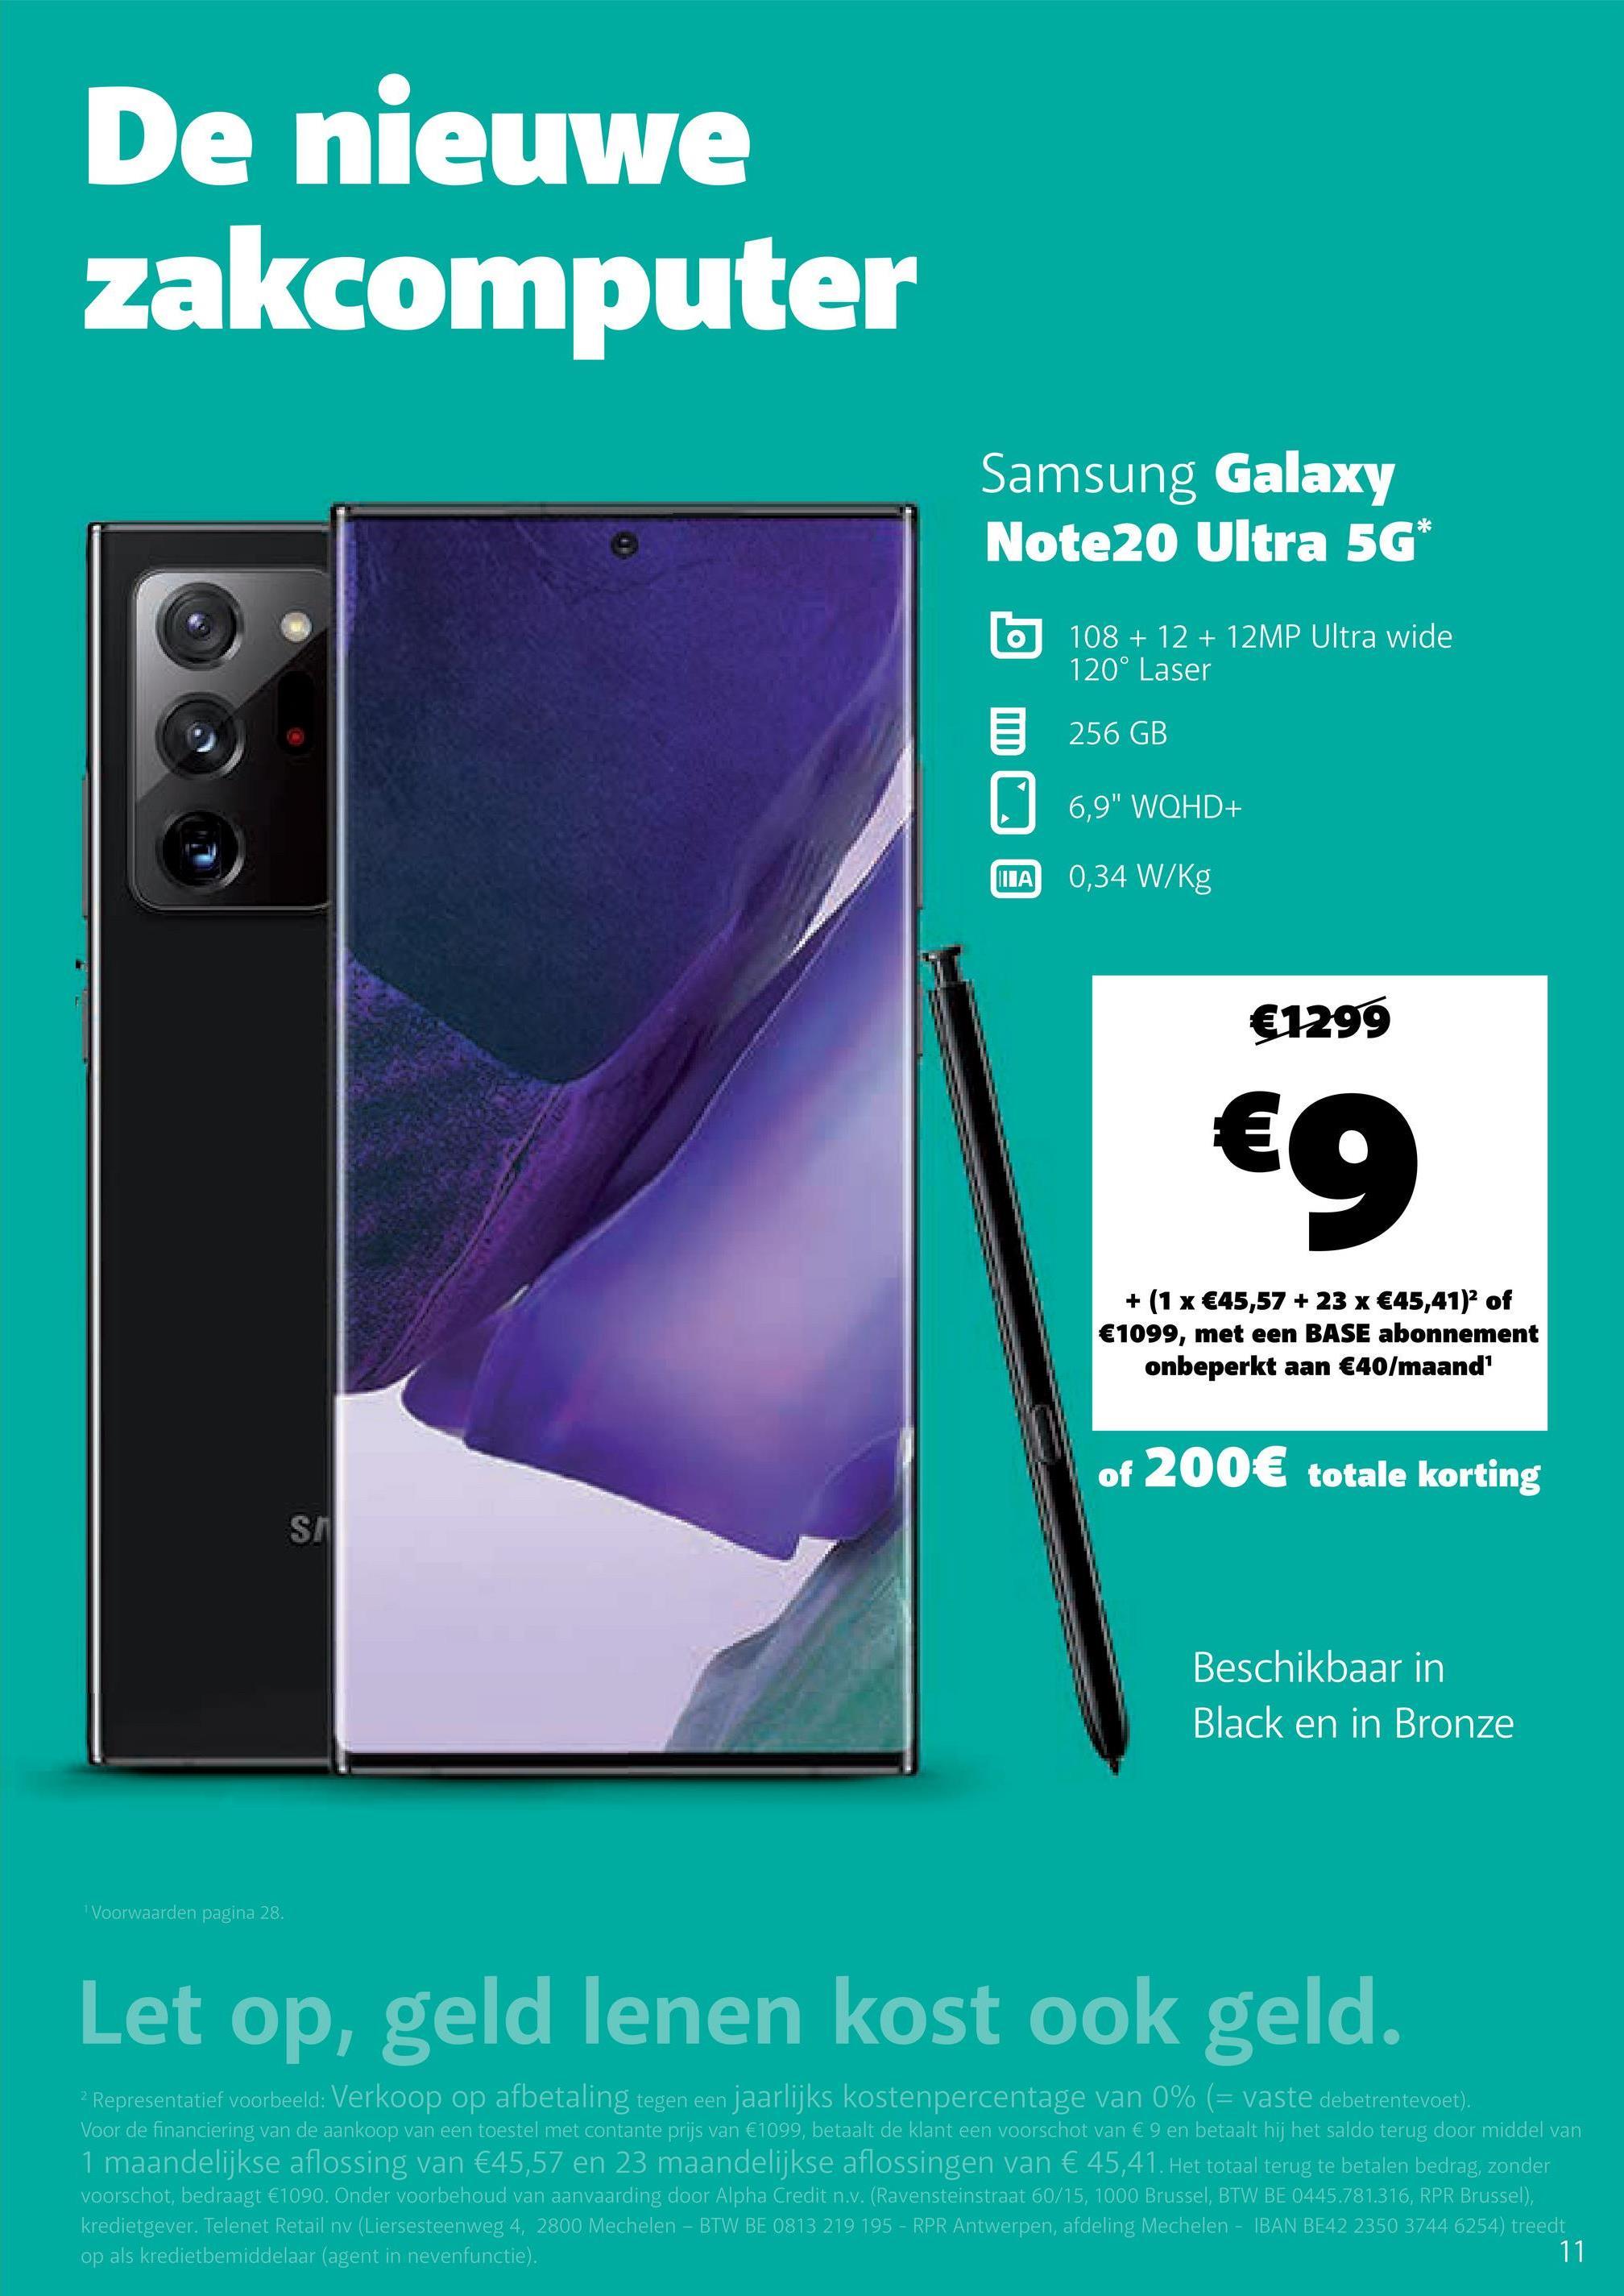 """De nieuwe zakcomputer Samsung Galaxy Note20 Ultra 5G* o 108 + 12 + 12MP Ultra wide 120° Laser 5 256 GB 6,9"""" WQHD+ ΠΙΑ 0,34 W/kg €1299 eg + (1 x €45,57 + 23 x €45,41)2 of €1099, met een BASE abonnement onbeperkt aan €40/maand' of 200€ totale korting SH Beschikbaar in Black en in Bronze 1 Voorwaarden pagina 28. Let op, geld lenen kost ook geld. Representatief voorbeeld: Verkoop op afbetaling tegen een jaarlijks kostenpercentage van 0% (= vaste debetrentevoet). Voor de financiering van de aankoop van een toestel met contante prijs van €1099, betaalt de klant een voorschot van € 9 en betaalt hij het saldo terug door middel van 1 maandelijkse aflossing van €45,57 en 23 maandelijkse aflossingen van € 45,41. Het totaal terug te betalen bedrag, zonder voorschot, bedraagt €1090. Onder voorbehoud van aanvaarding door Alpha Credit n.v. (Ravensteinstraat 60/15, 1000 Brussel, BTW BE 0445.781.316, RPR Brussel), kredietgever. Telenet Retail nv (Liersesteenweg 4, 2800 Mechelen - BTW BE 0813 219 195 - RPR Antwerpen, afdeling Mechelen - IBAN BE42 2350 3744 6254) treedt op als kredietbemiddelaar (agent in nevenfunctie). 11"""